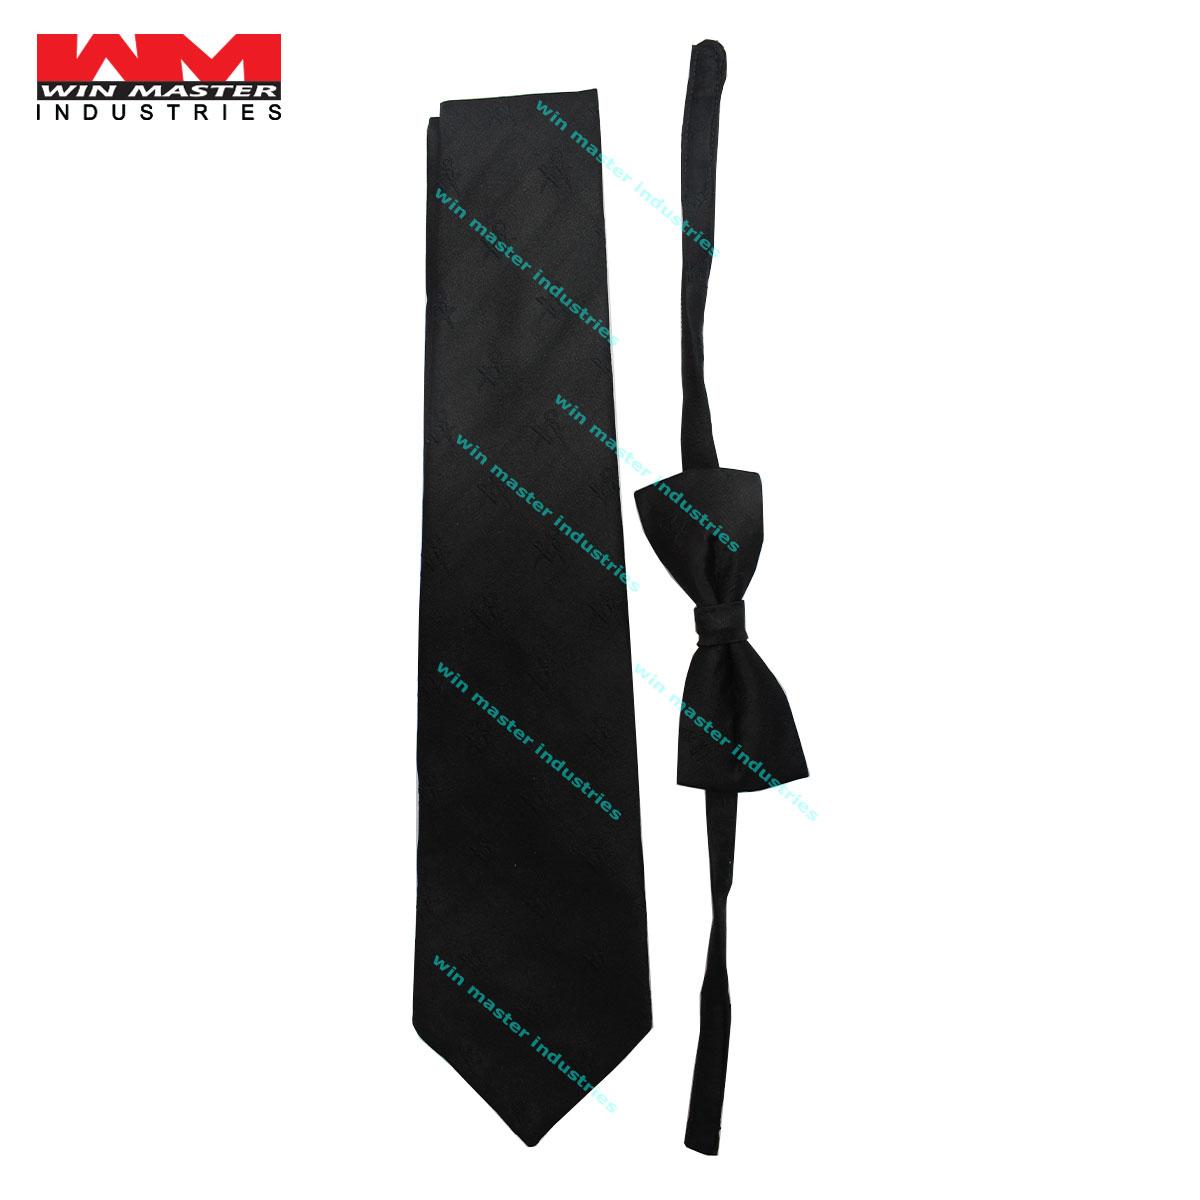 Freimaurer regalia grand lodge krawatte mit platz und kompass